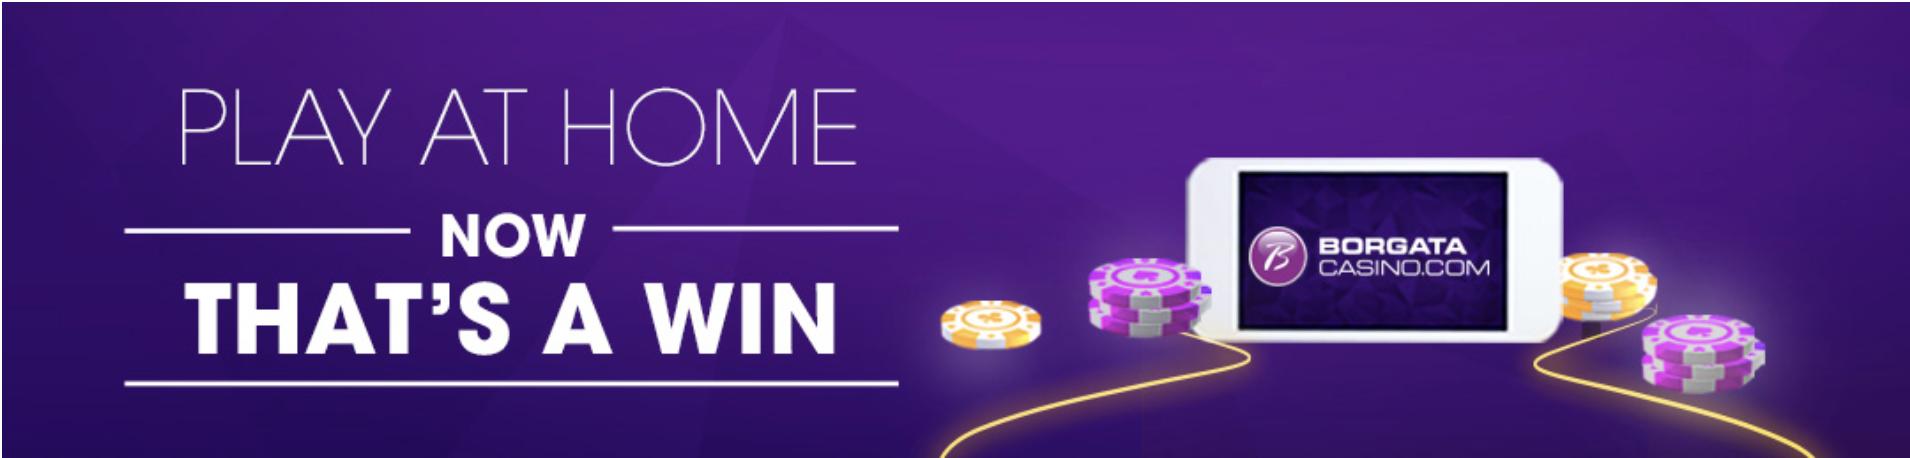 borgata casino nj mobile app